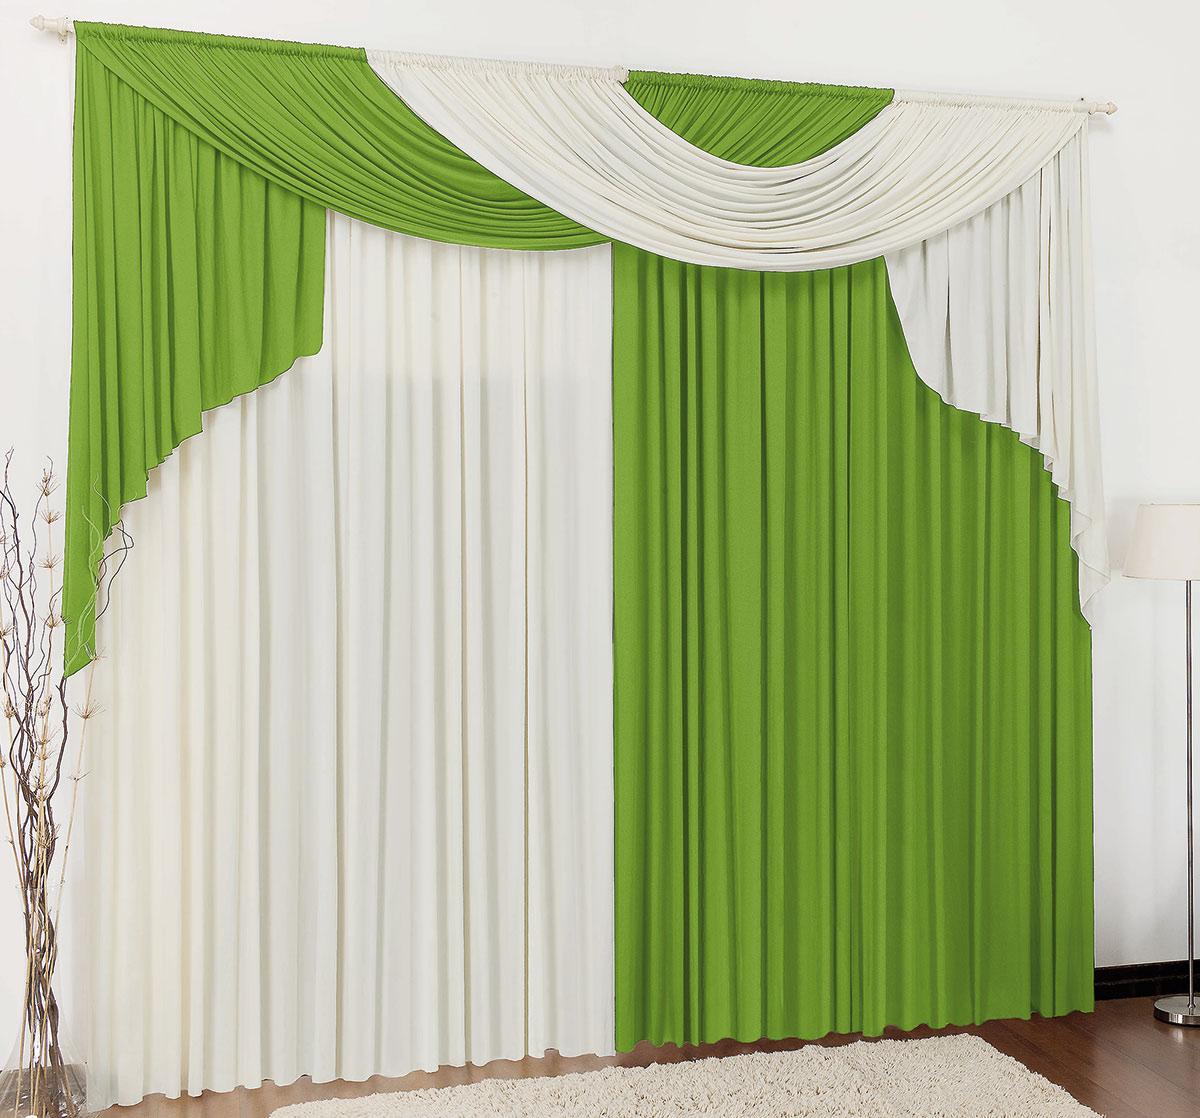 Cortina 3 metros elegancy verde com 1 pe as casa sua beleza - Cortinas por metros ...